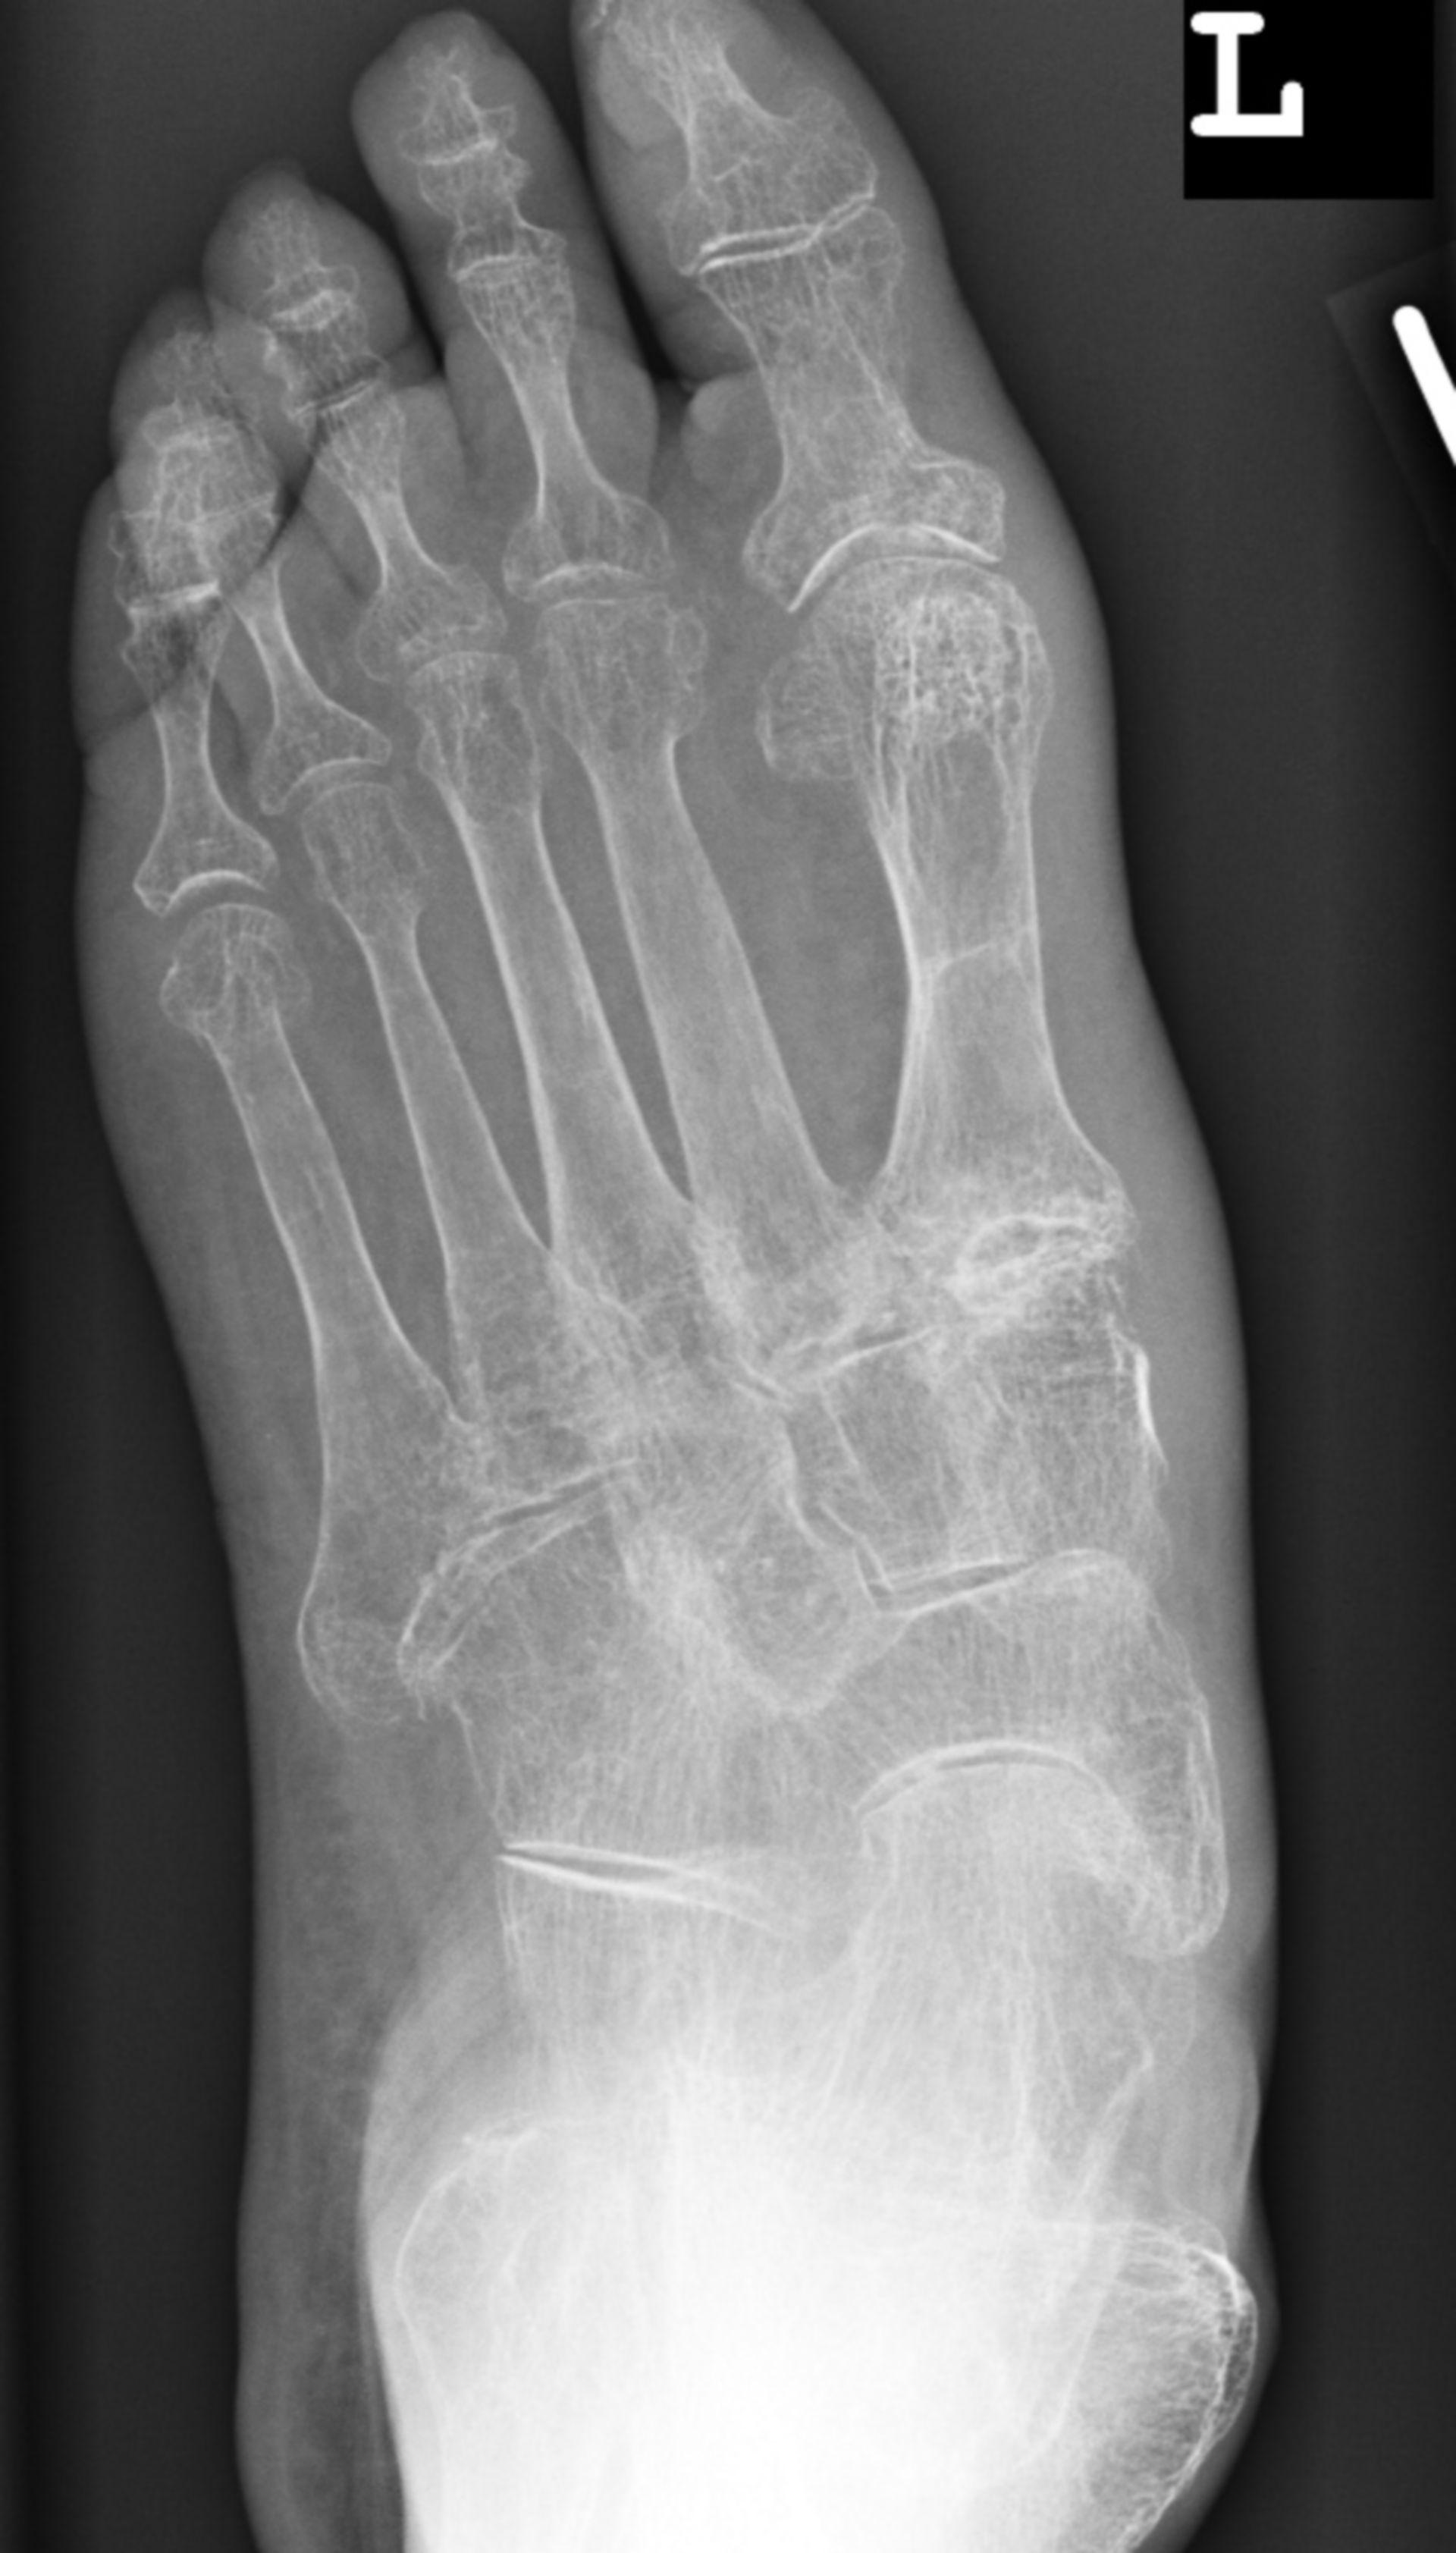 Pie - osteoporosis severa